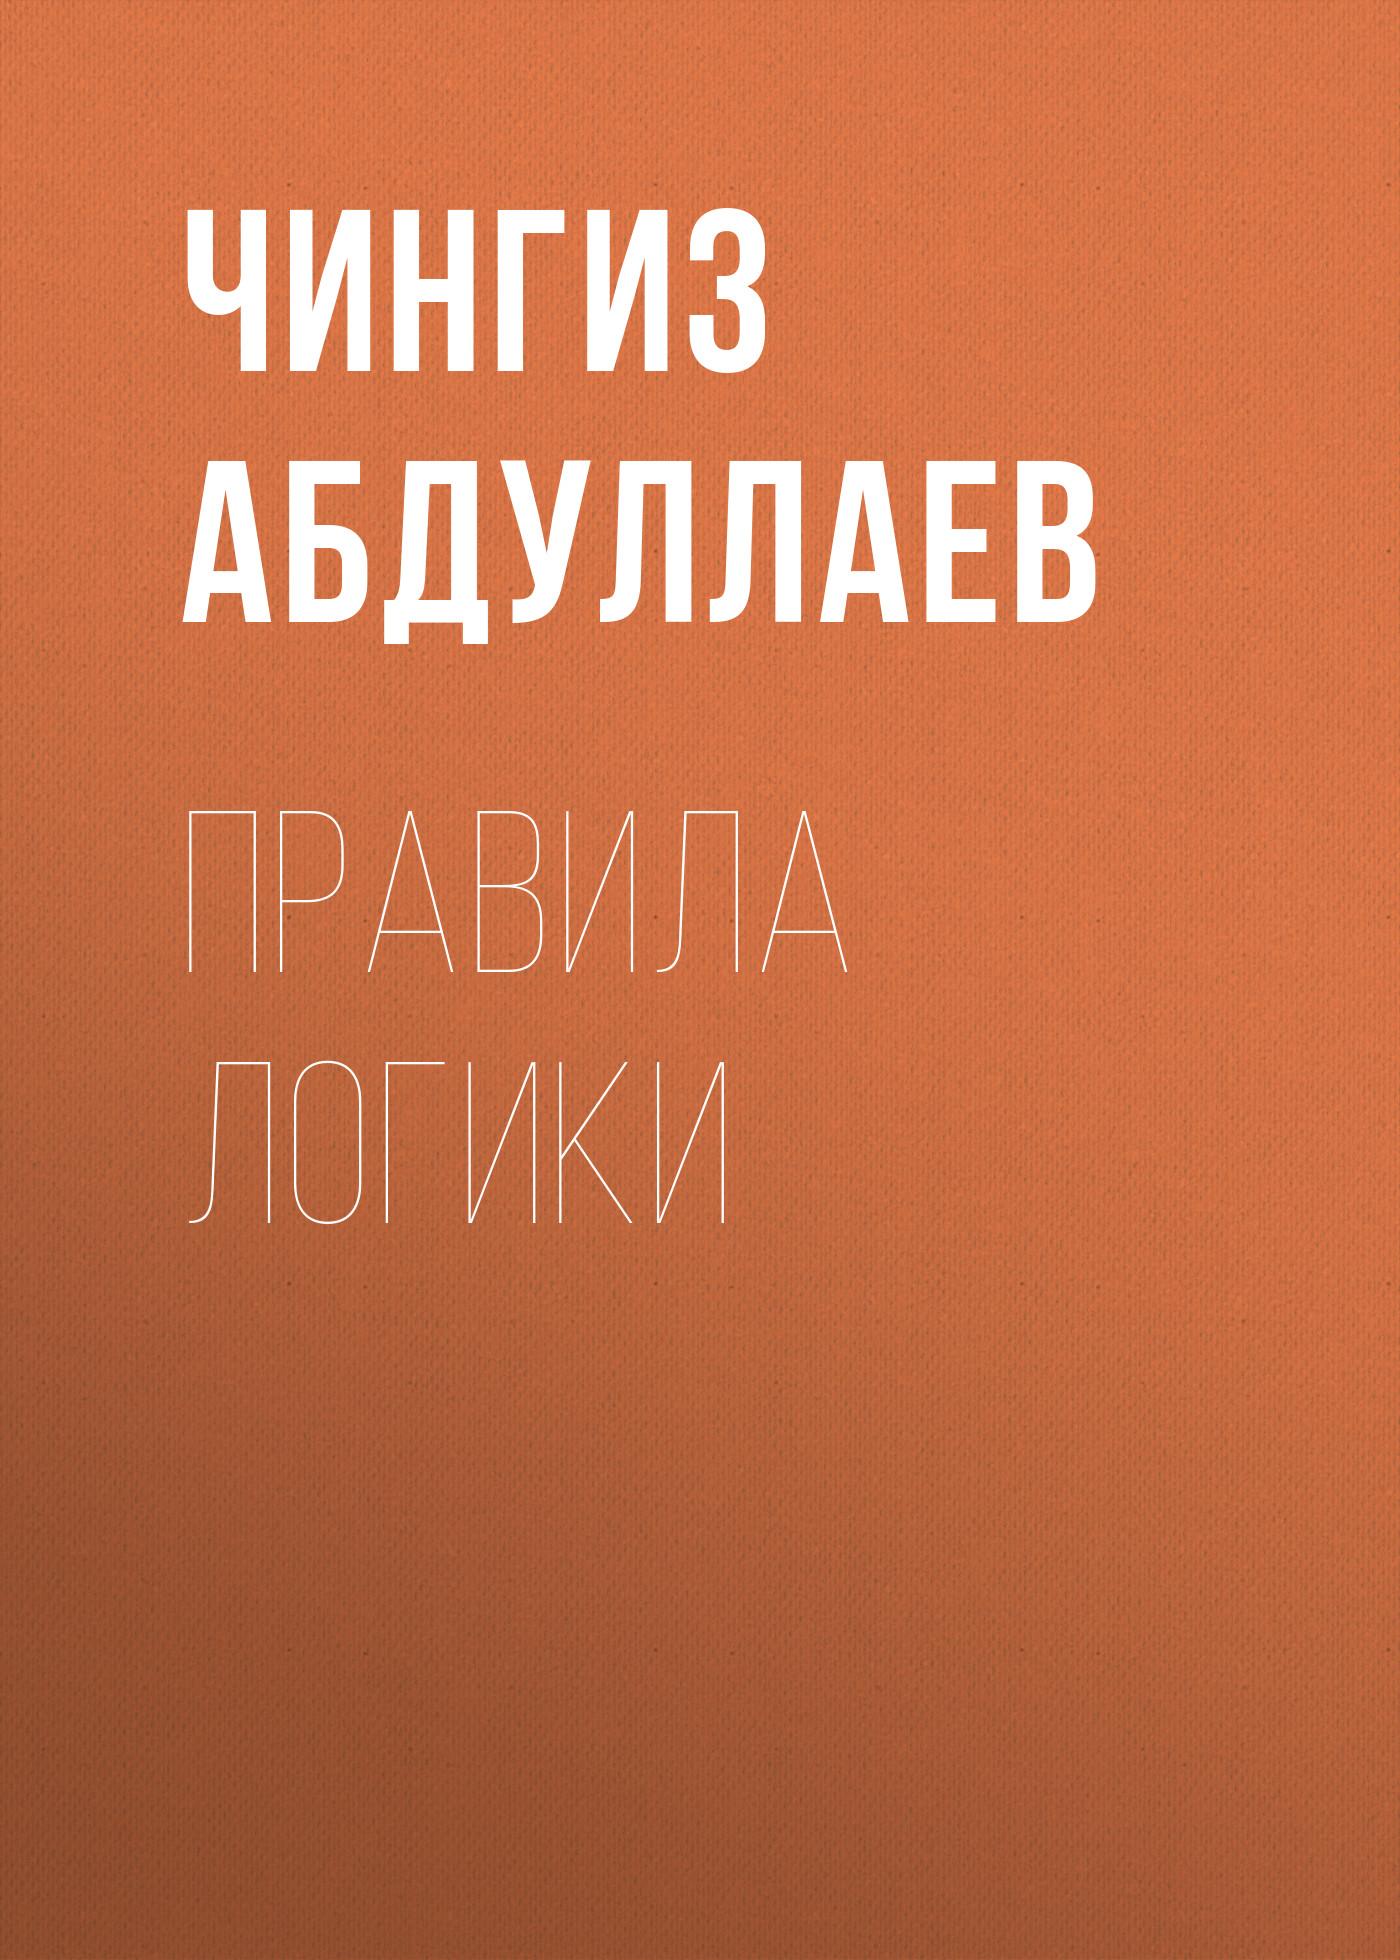 Чингиз Абдуллаев Правила логики абдуллаев чингиз акифович суд неправых